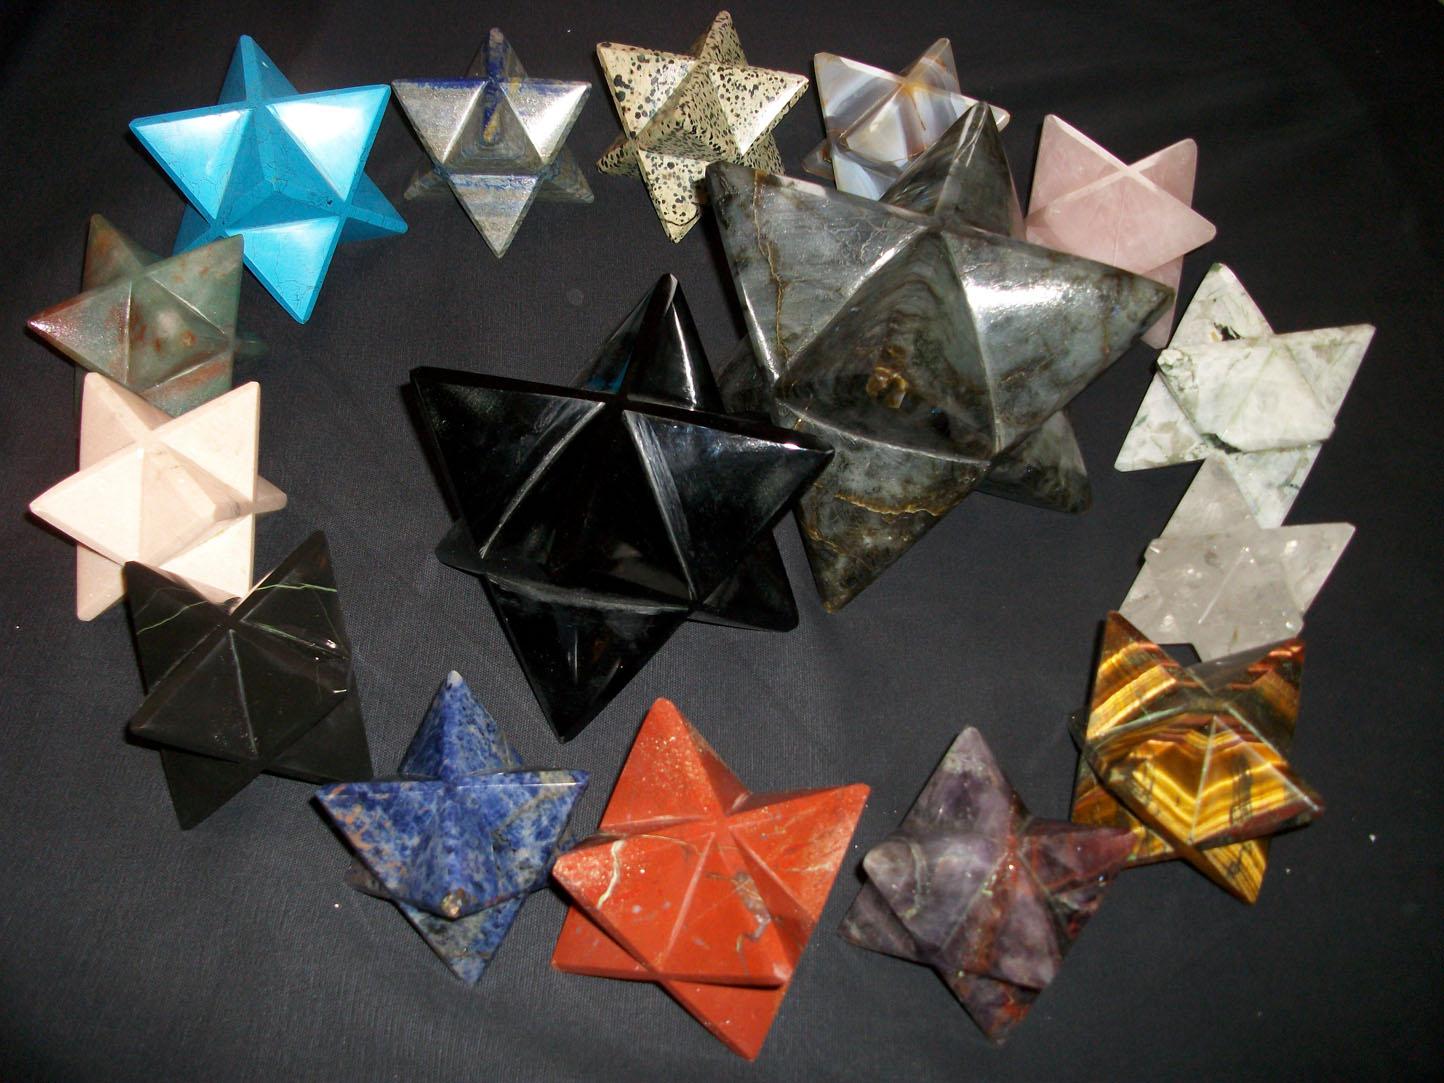 Merkabas de cristaux et minéraux